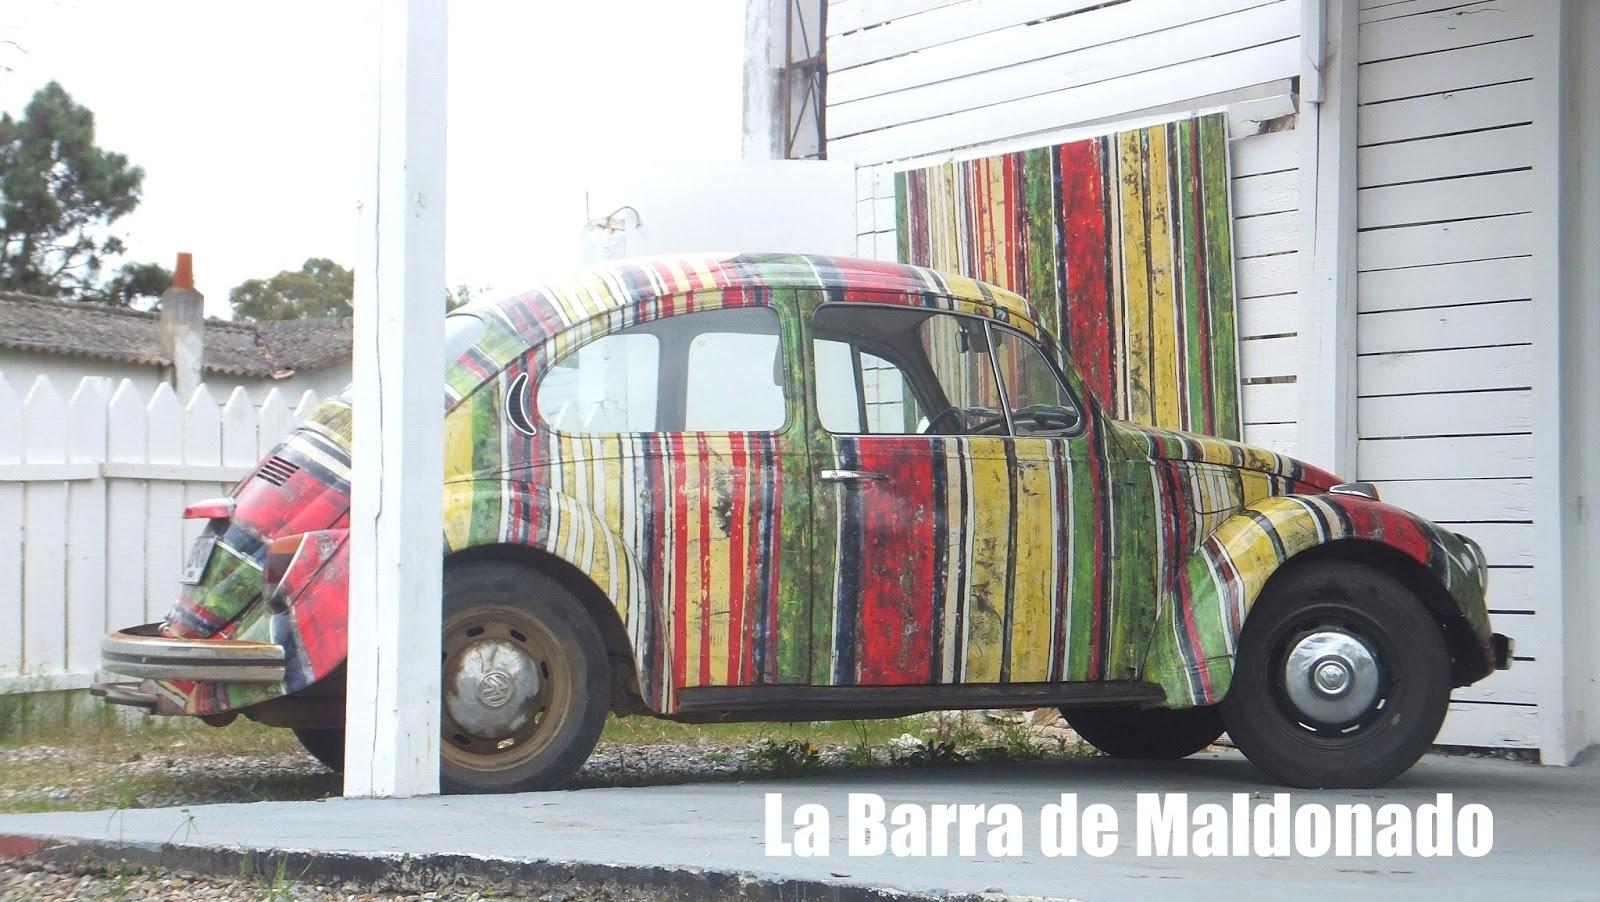 Street Art en La Barra de Maldonado, Uruguay